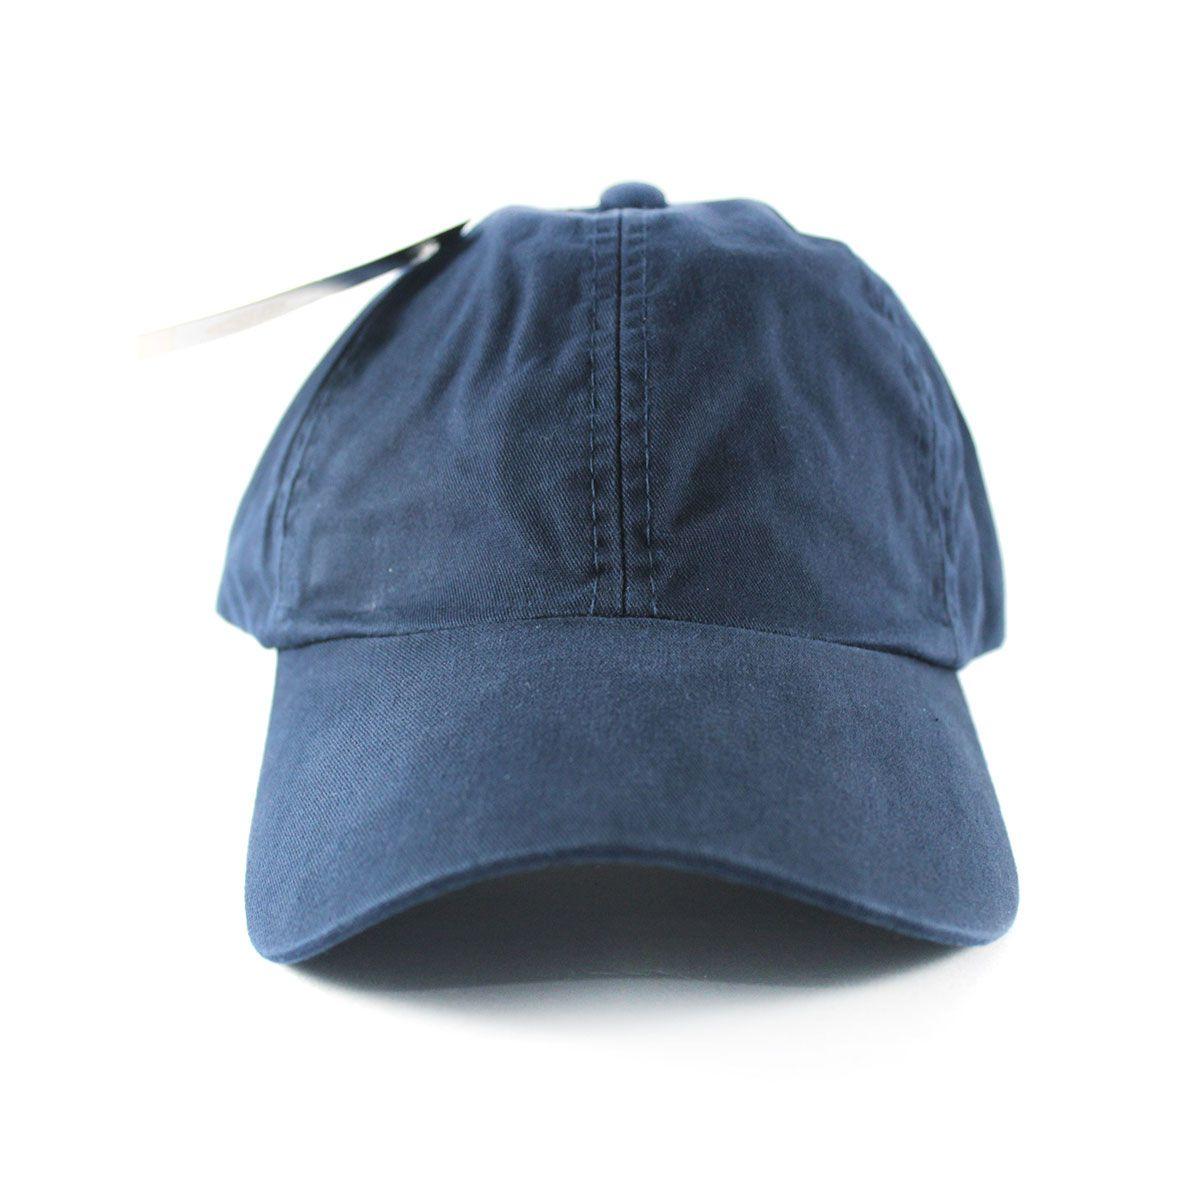 Boné Liso Algodão - Azul Marinho